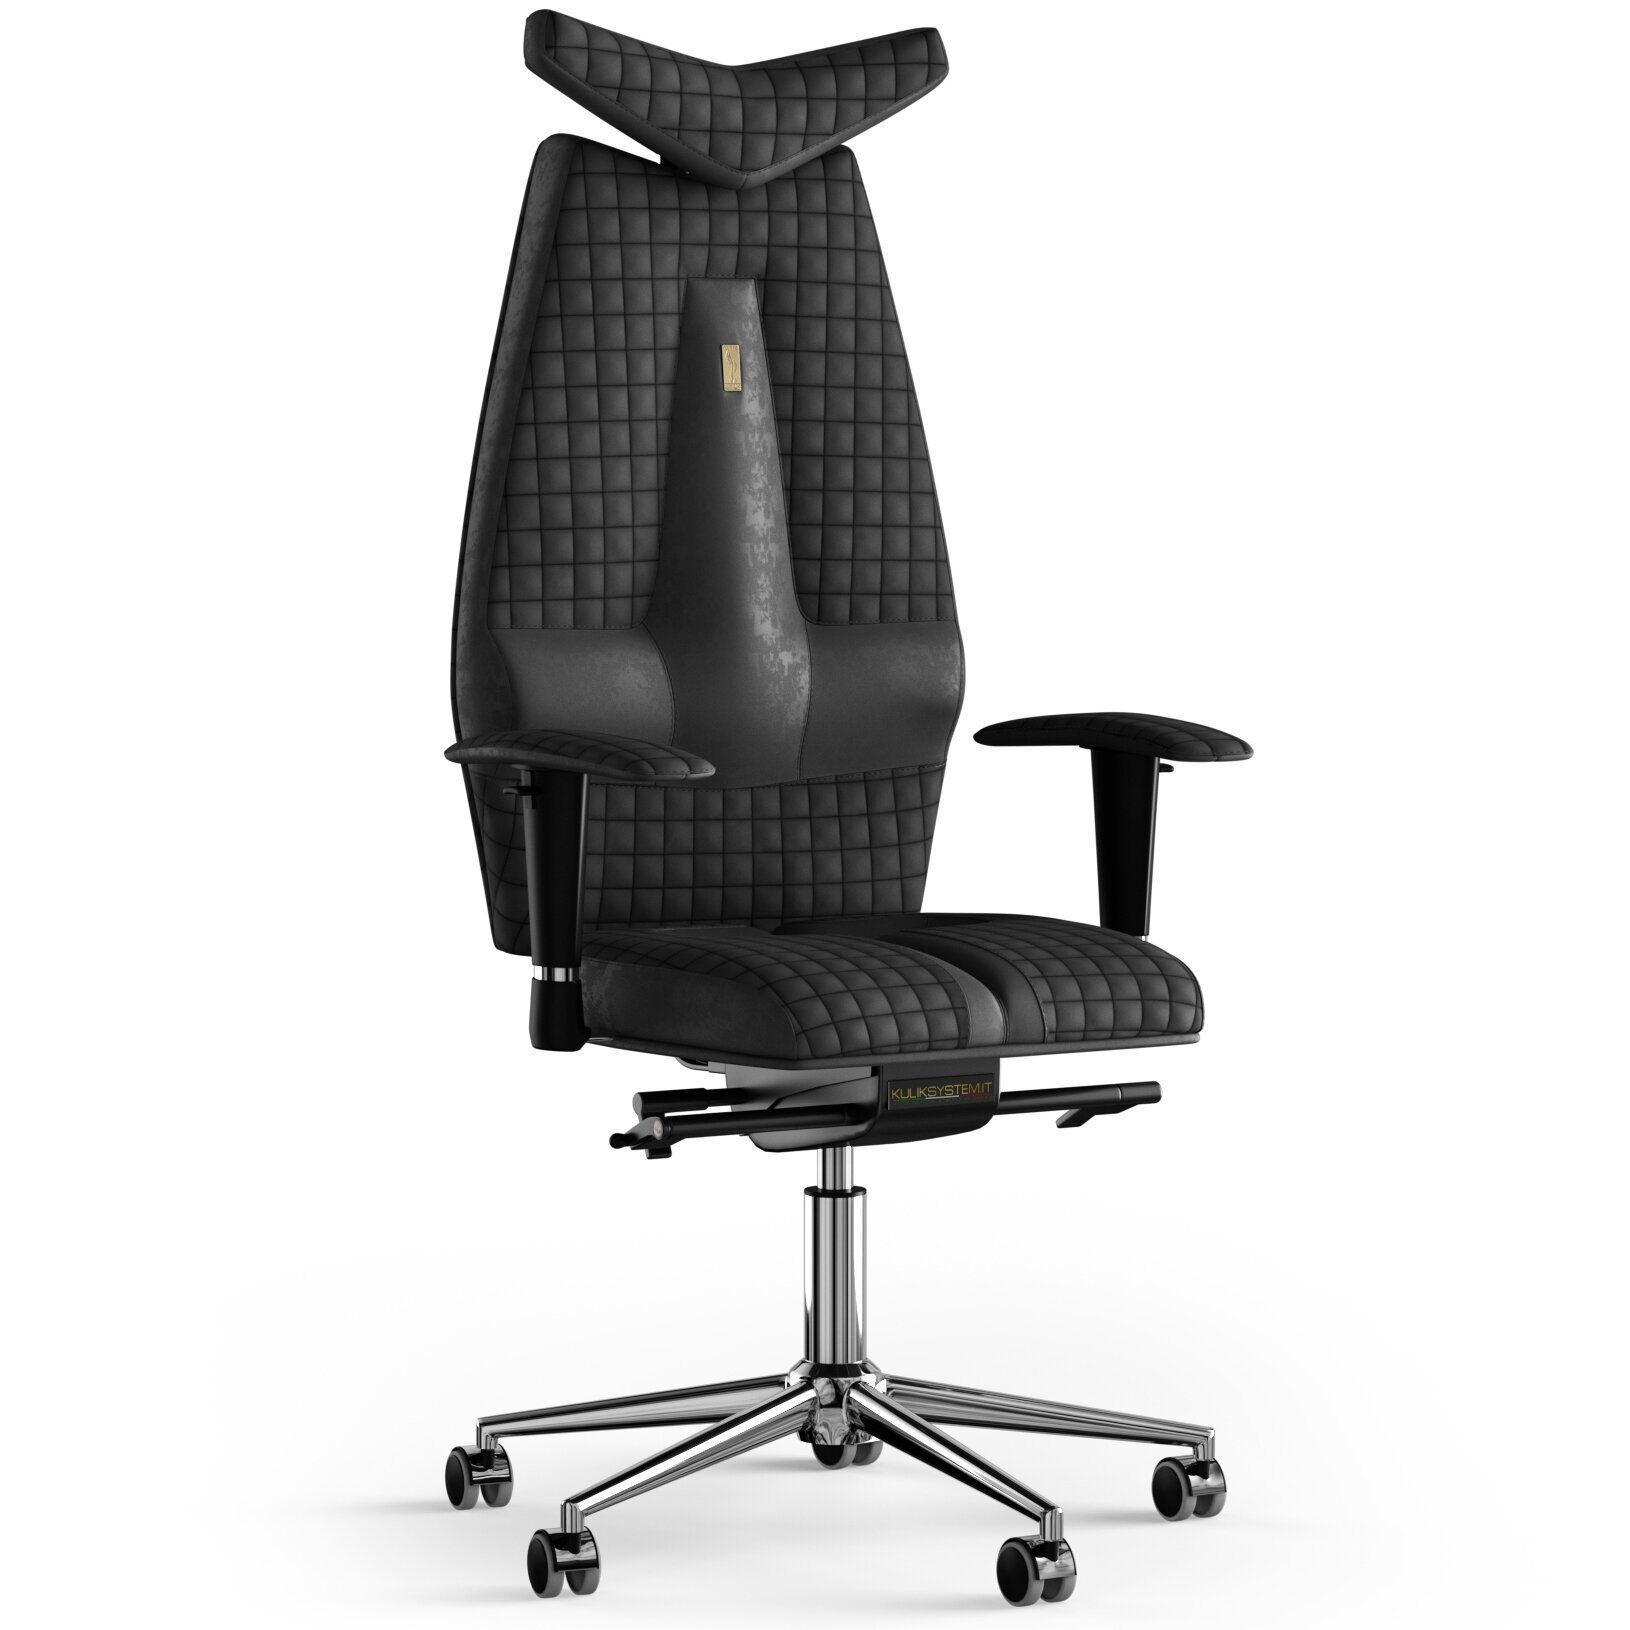 Кресло KULIK SYSTEM JET Антара с подголовником со строчкой